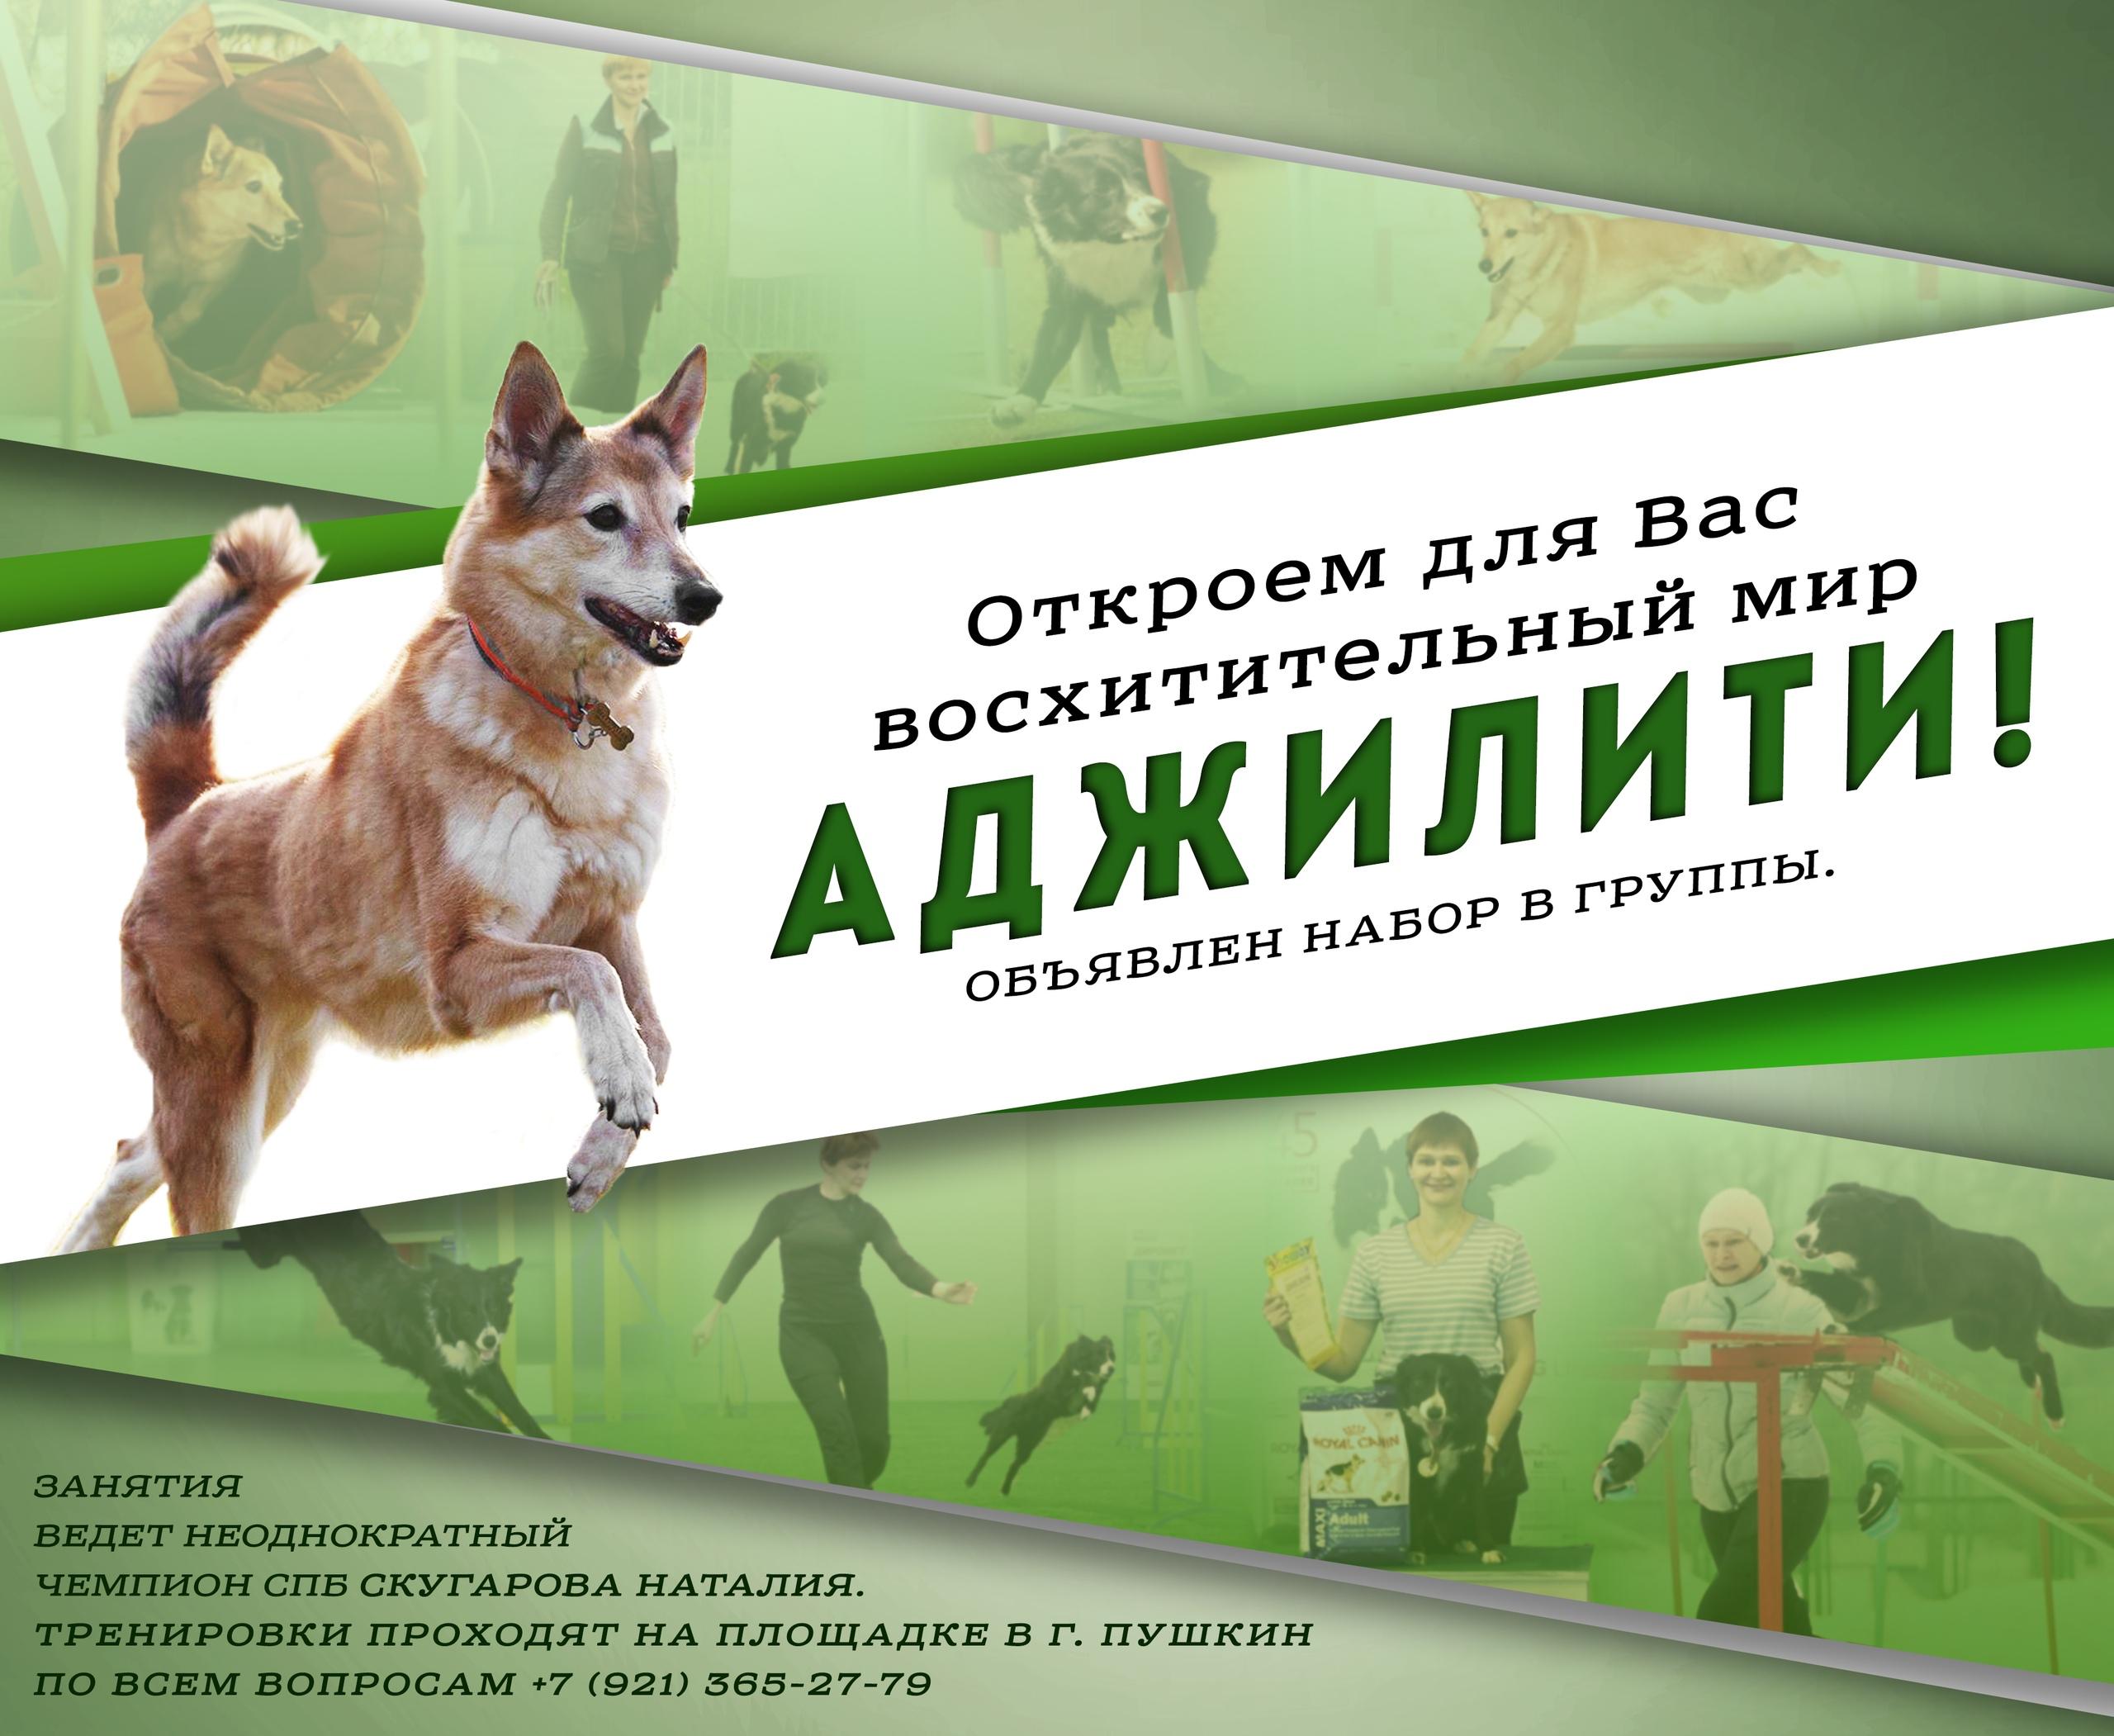 Реклама тренировок по аджилити.